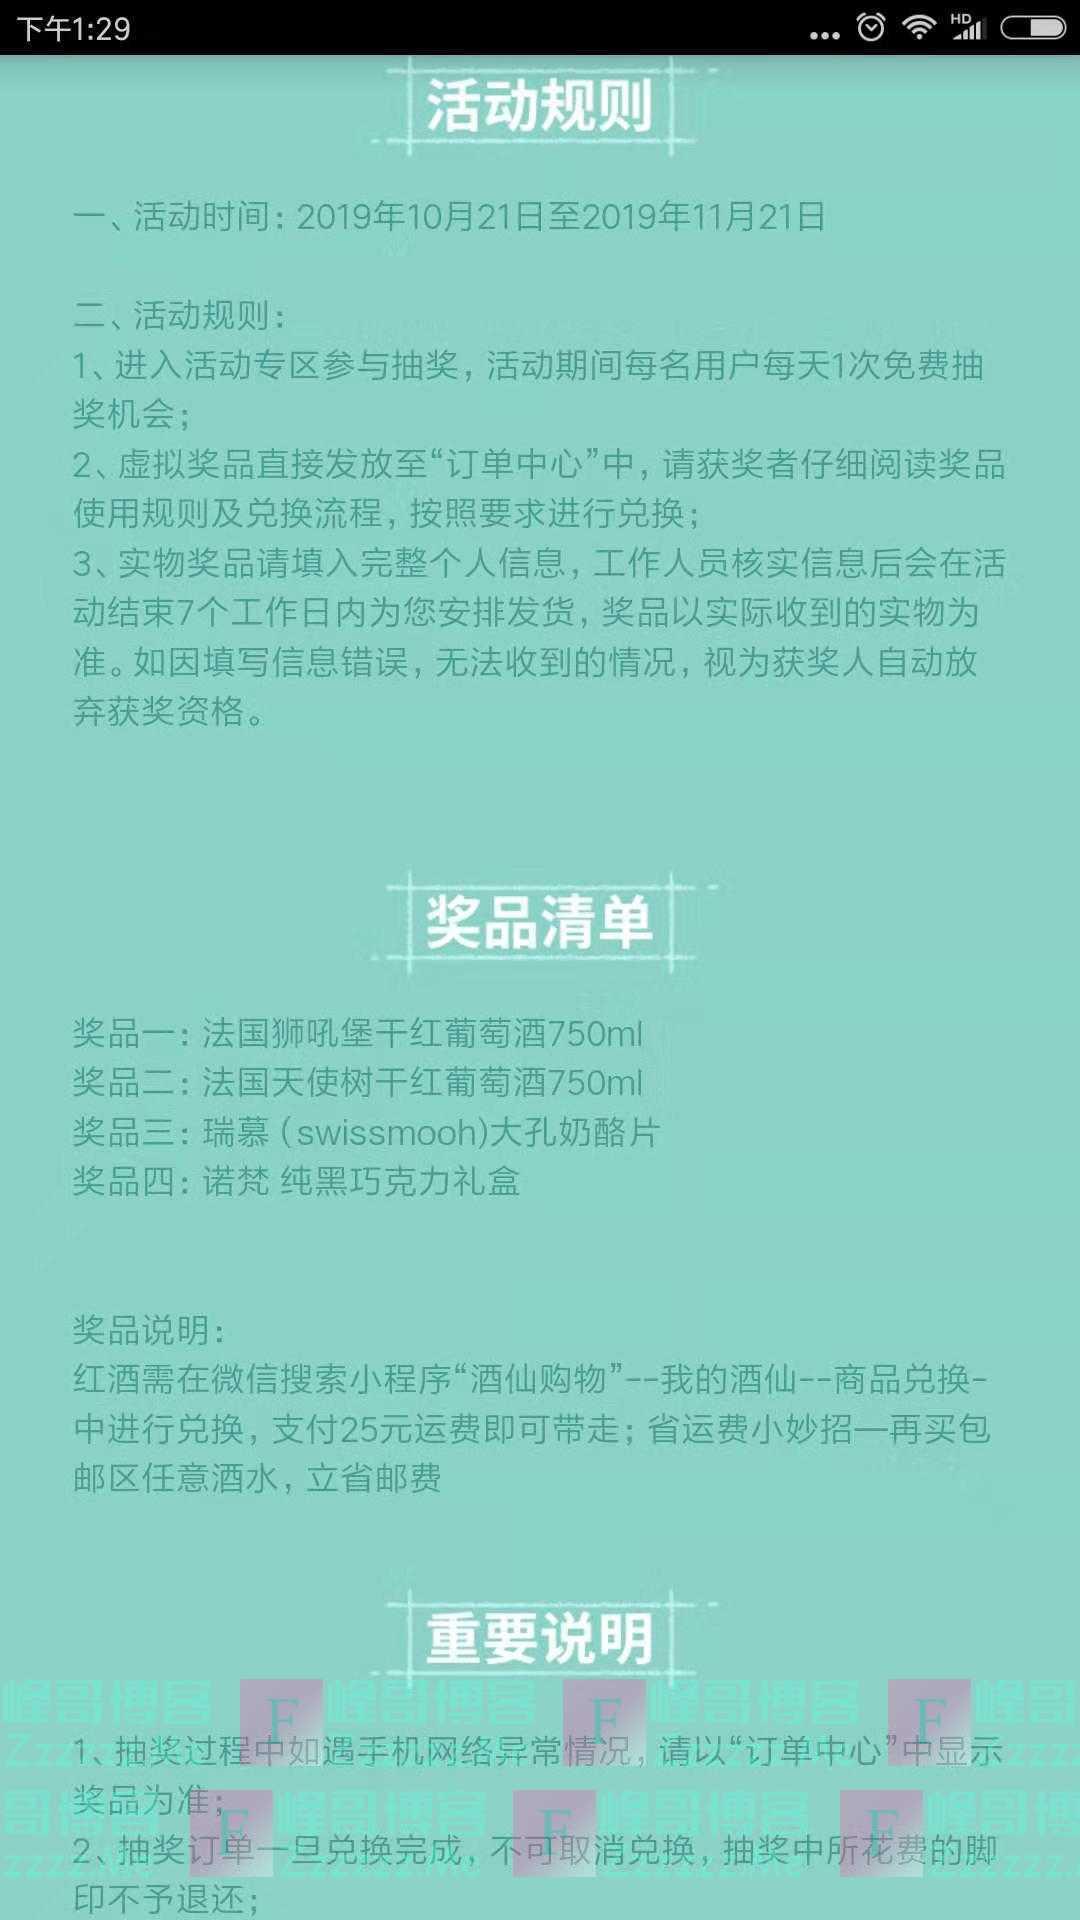 中国工商银行十月味蕾大狂欢(截止11月21日)